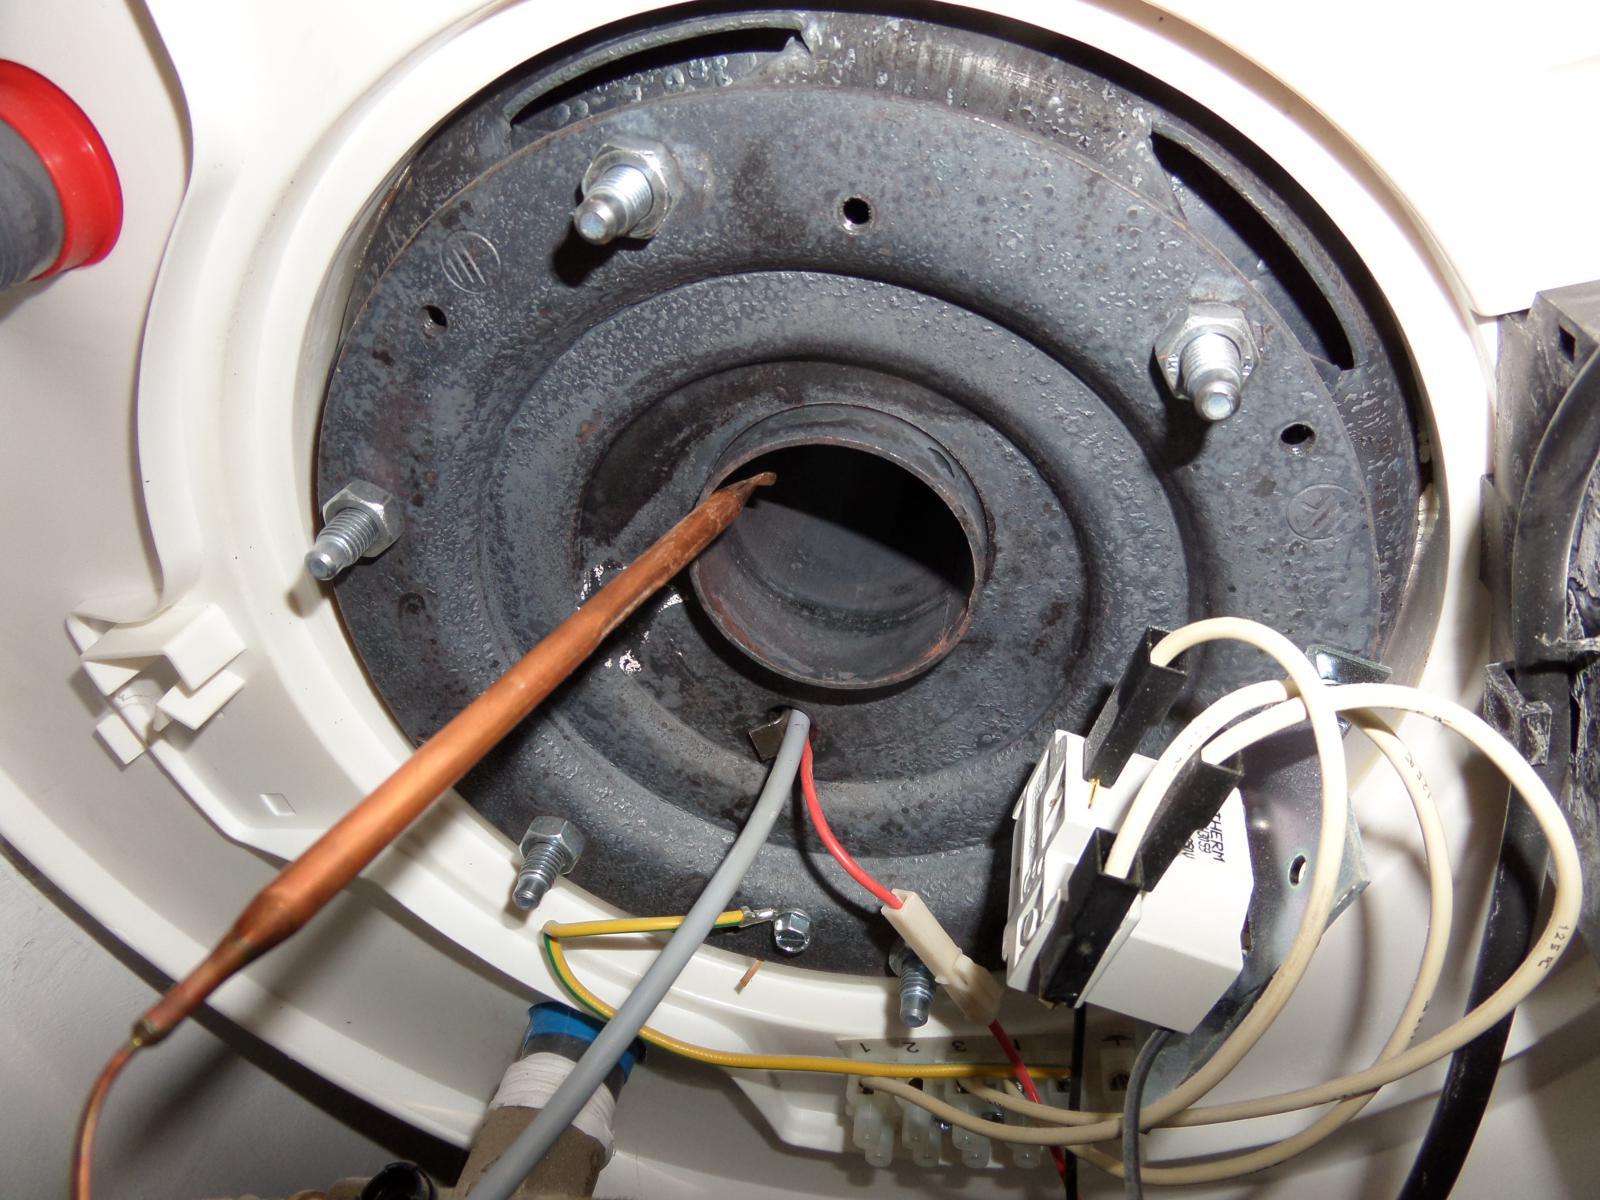 Pose r sistance st atite o mettre la sonde - Resistance pour chauffer l eau ...